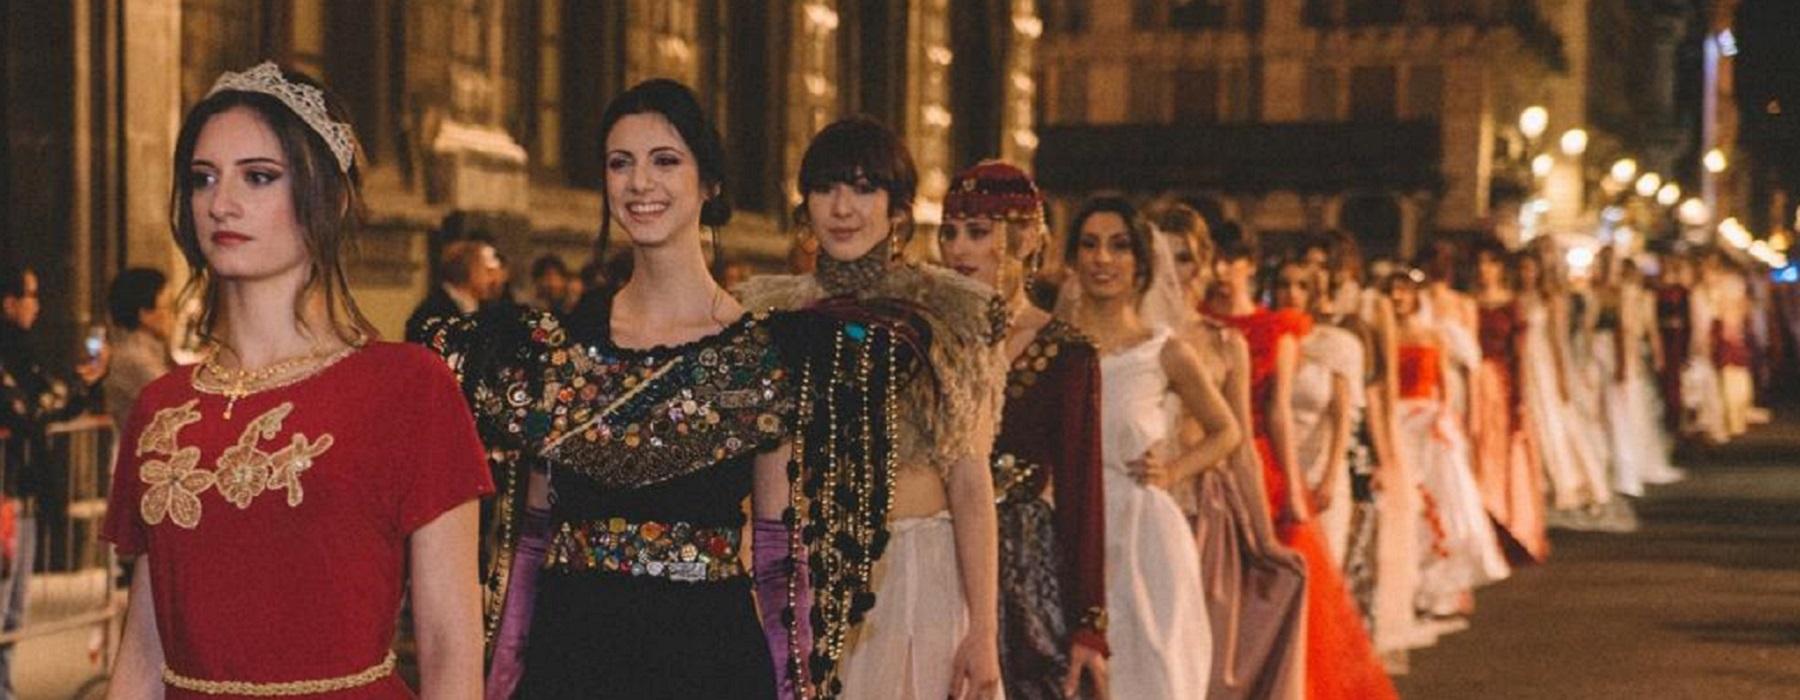 Sant'Agata: la Mostra di Abiti e Costumi Teatrali